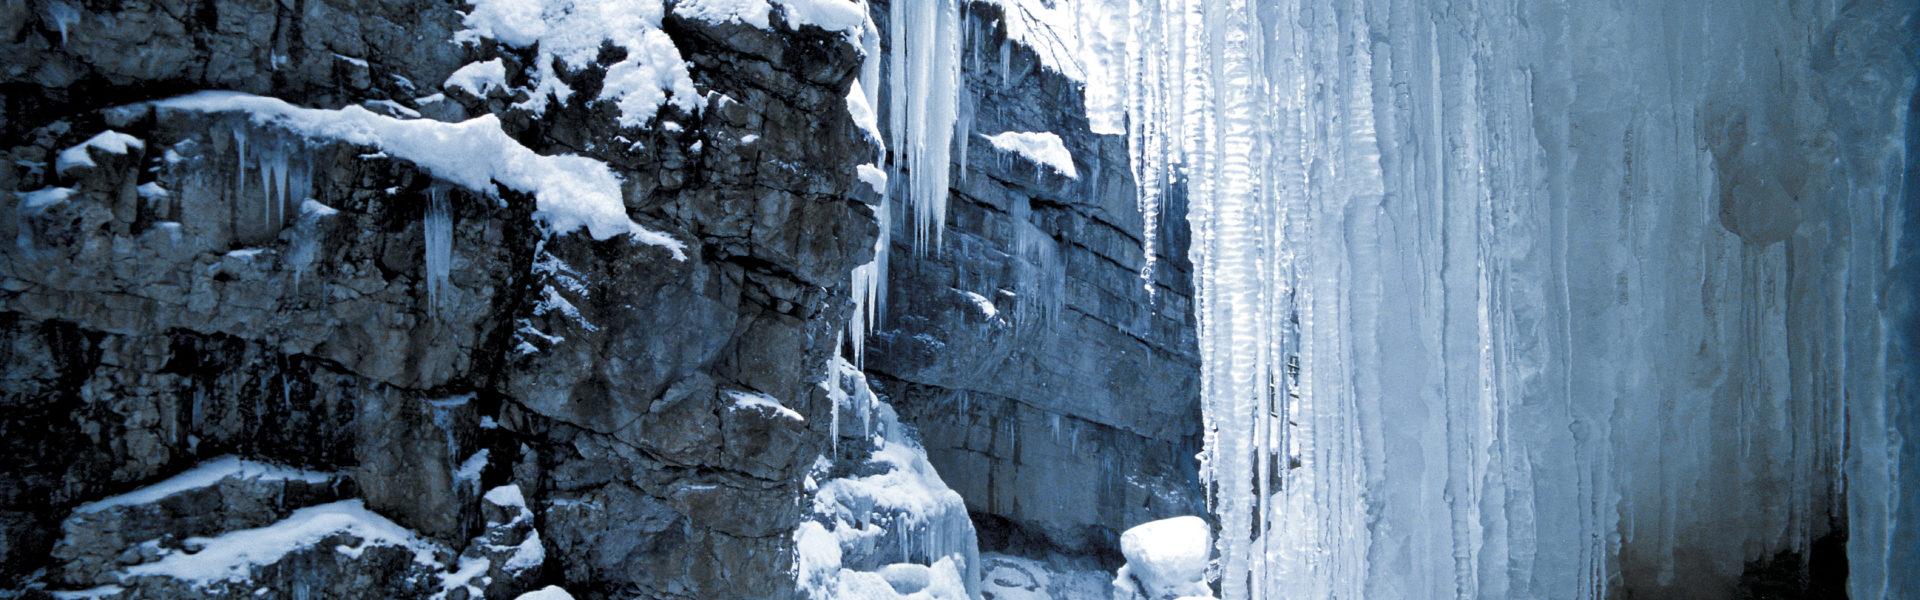 Breitachklamm Winter, Eis, Fackelwanderung (c) Kleinwalsertal Tourismus eGen